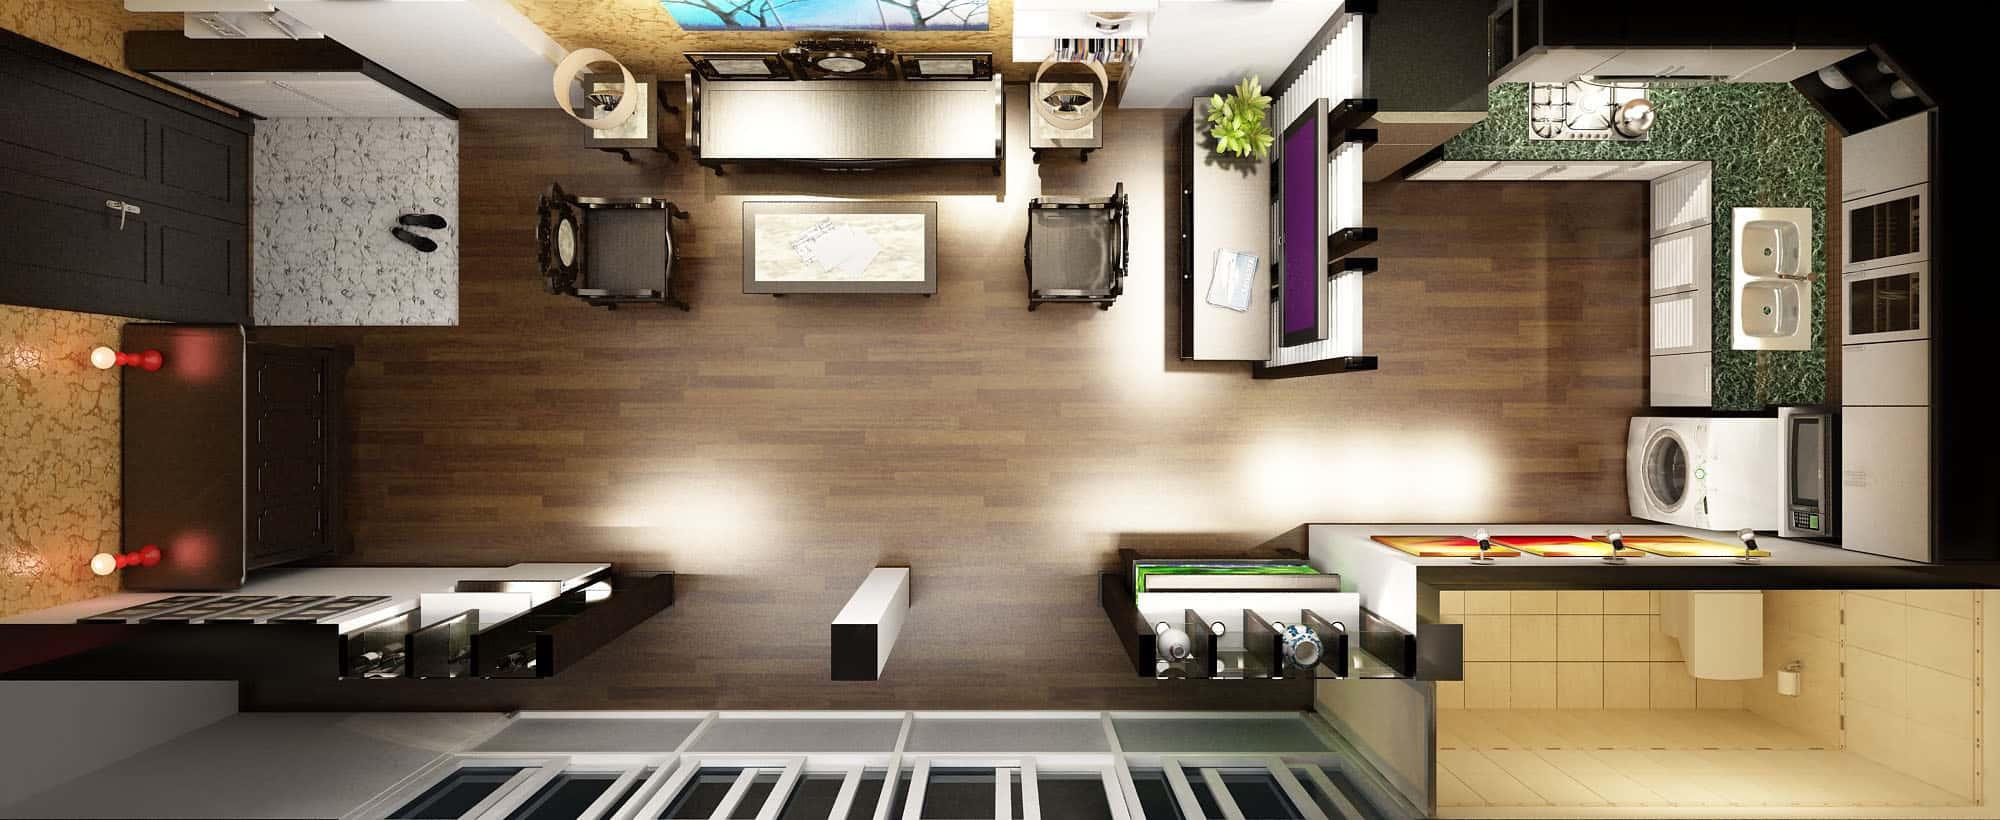 thiet ke noi that phong khach lien bep 11 - Thiết kế nội thất phòng khách liền bếp với 20 mẫu ấn tượng nhất